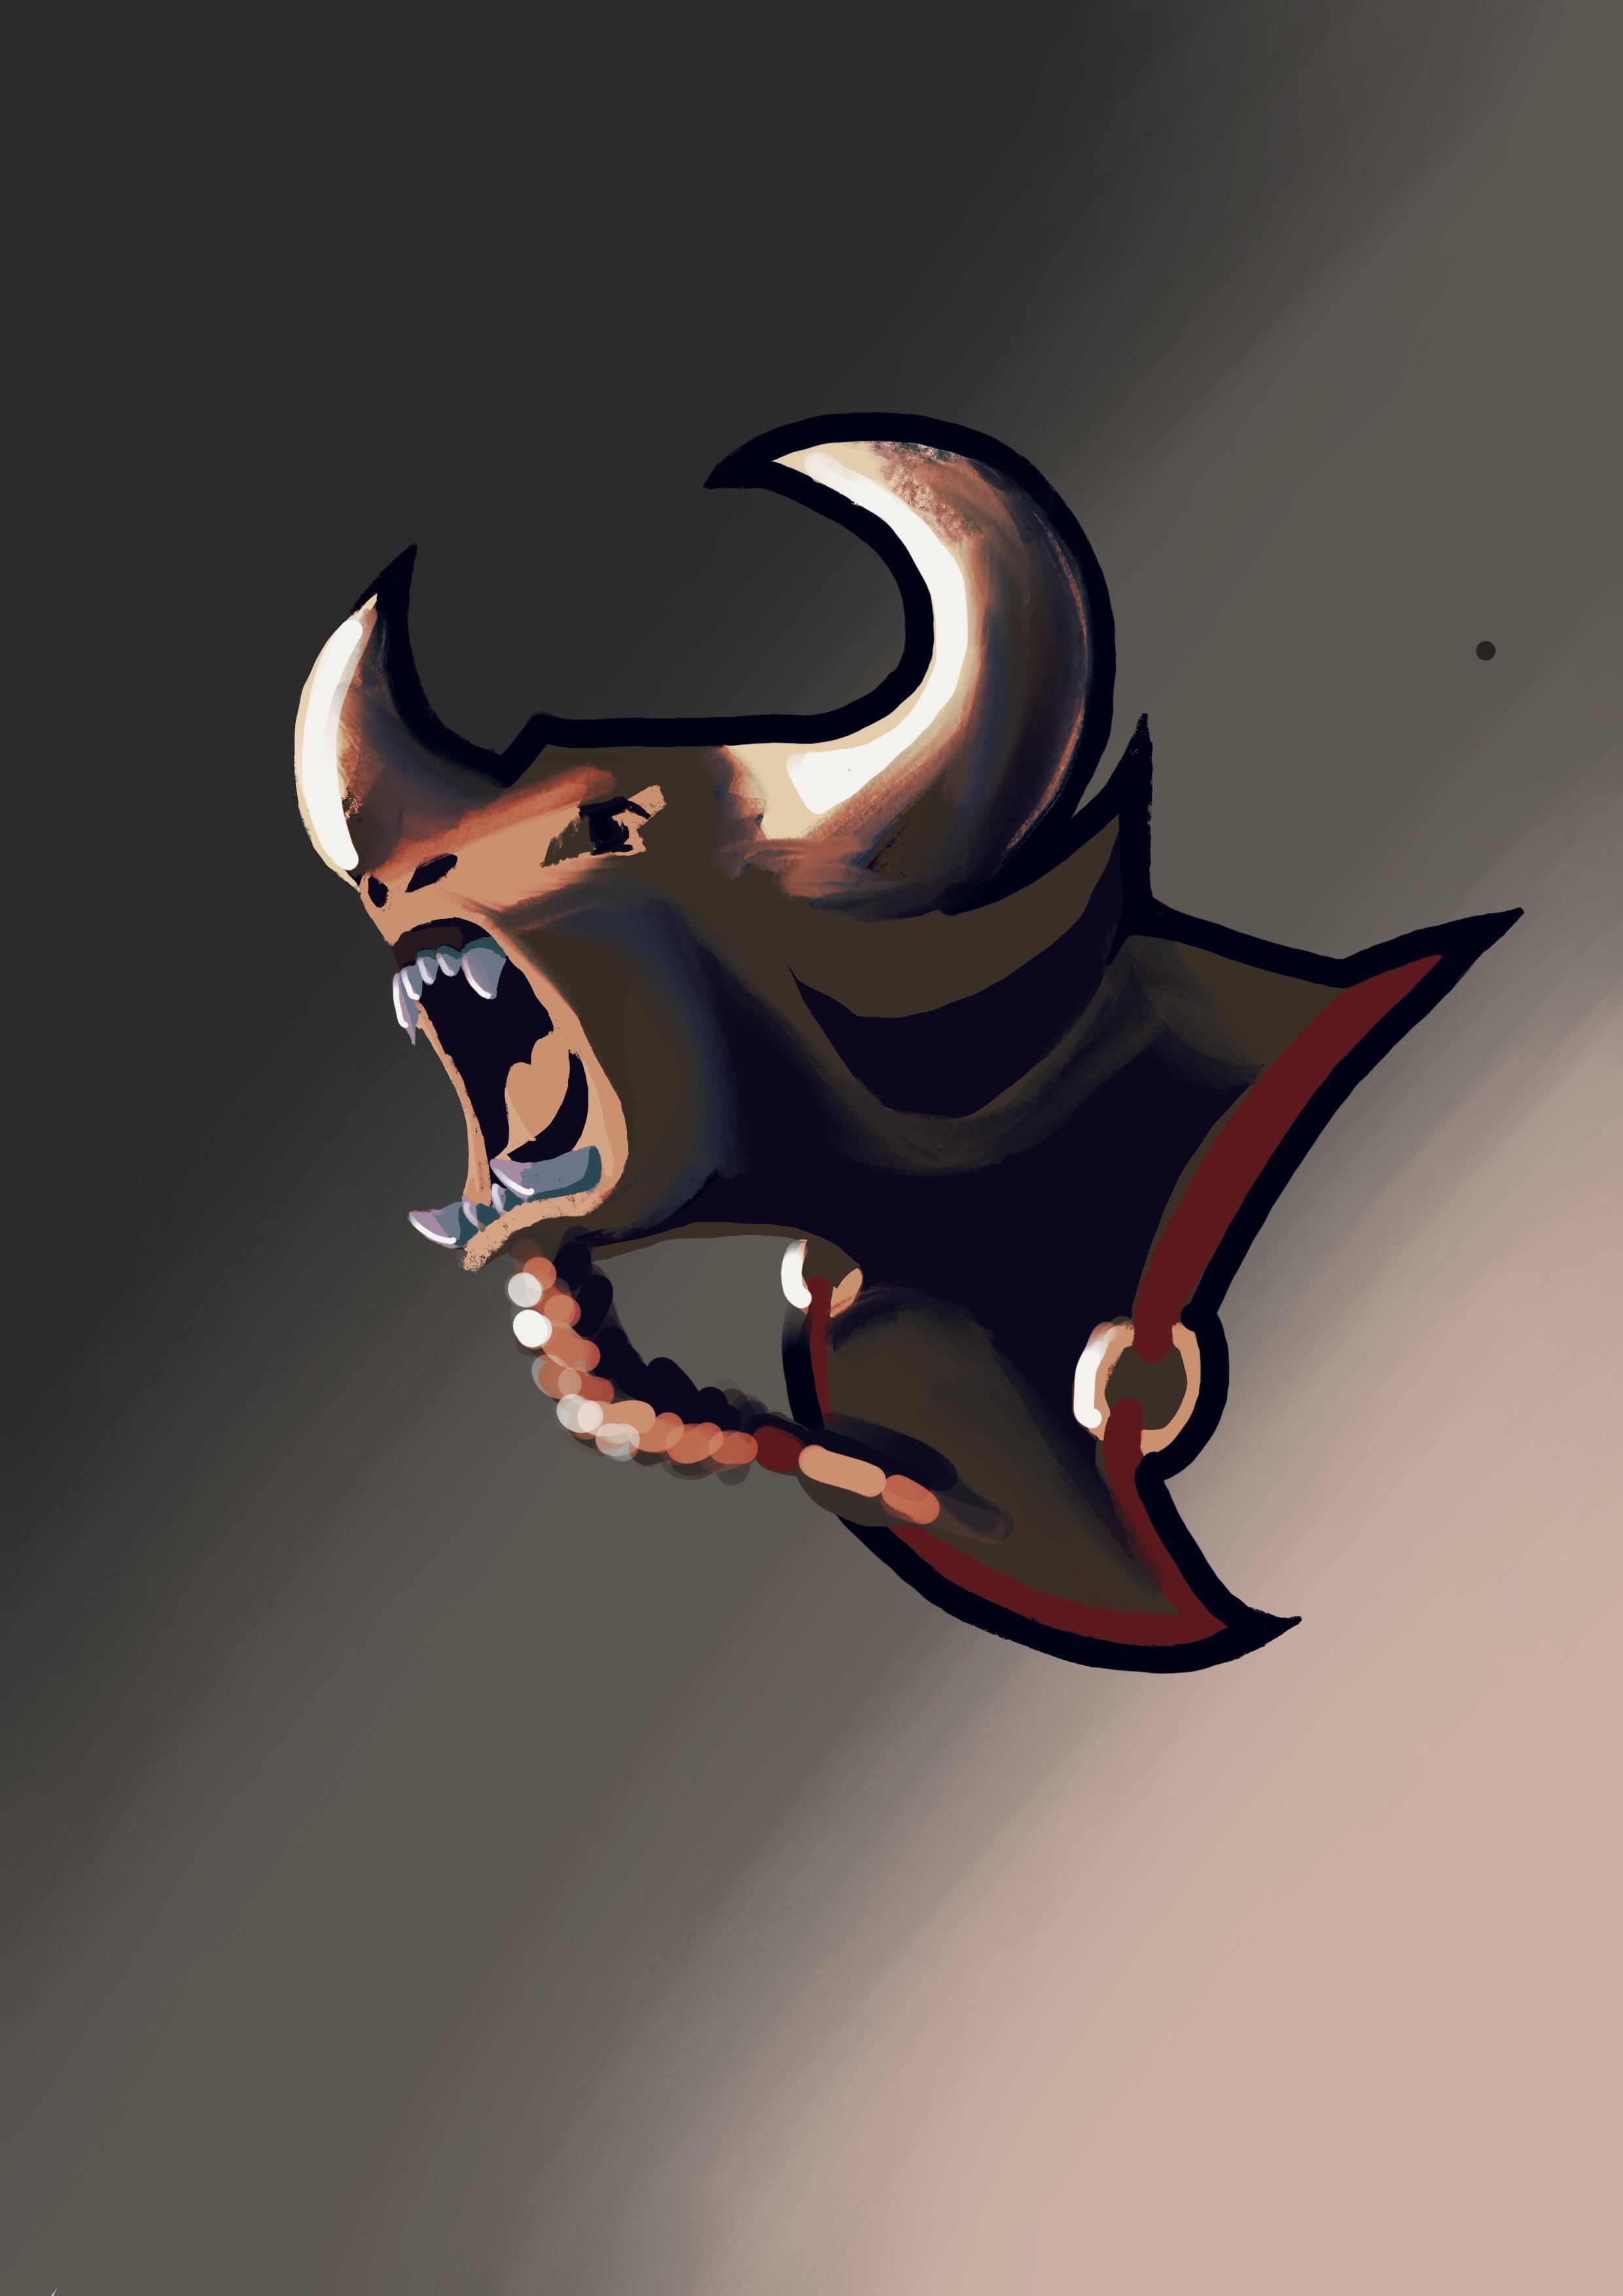 Персонаж для 2D мобильной игры фото f_9935f602c7273e95.jpg